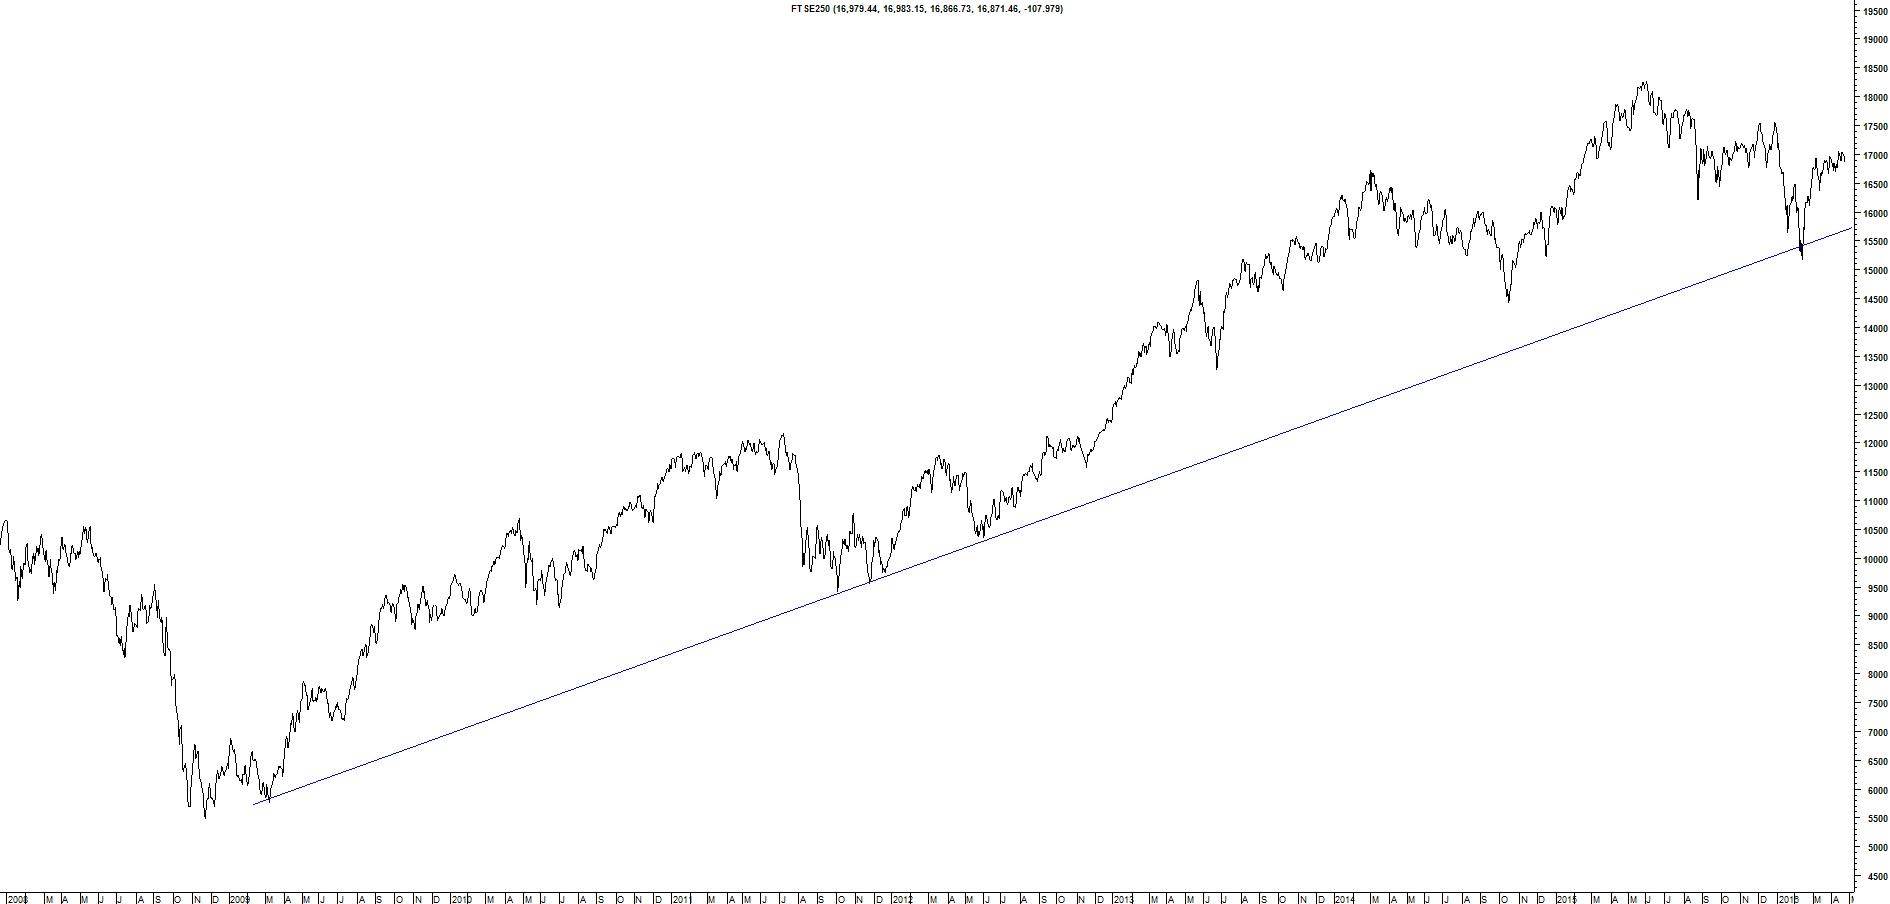 Indeks FTSE250